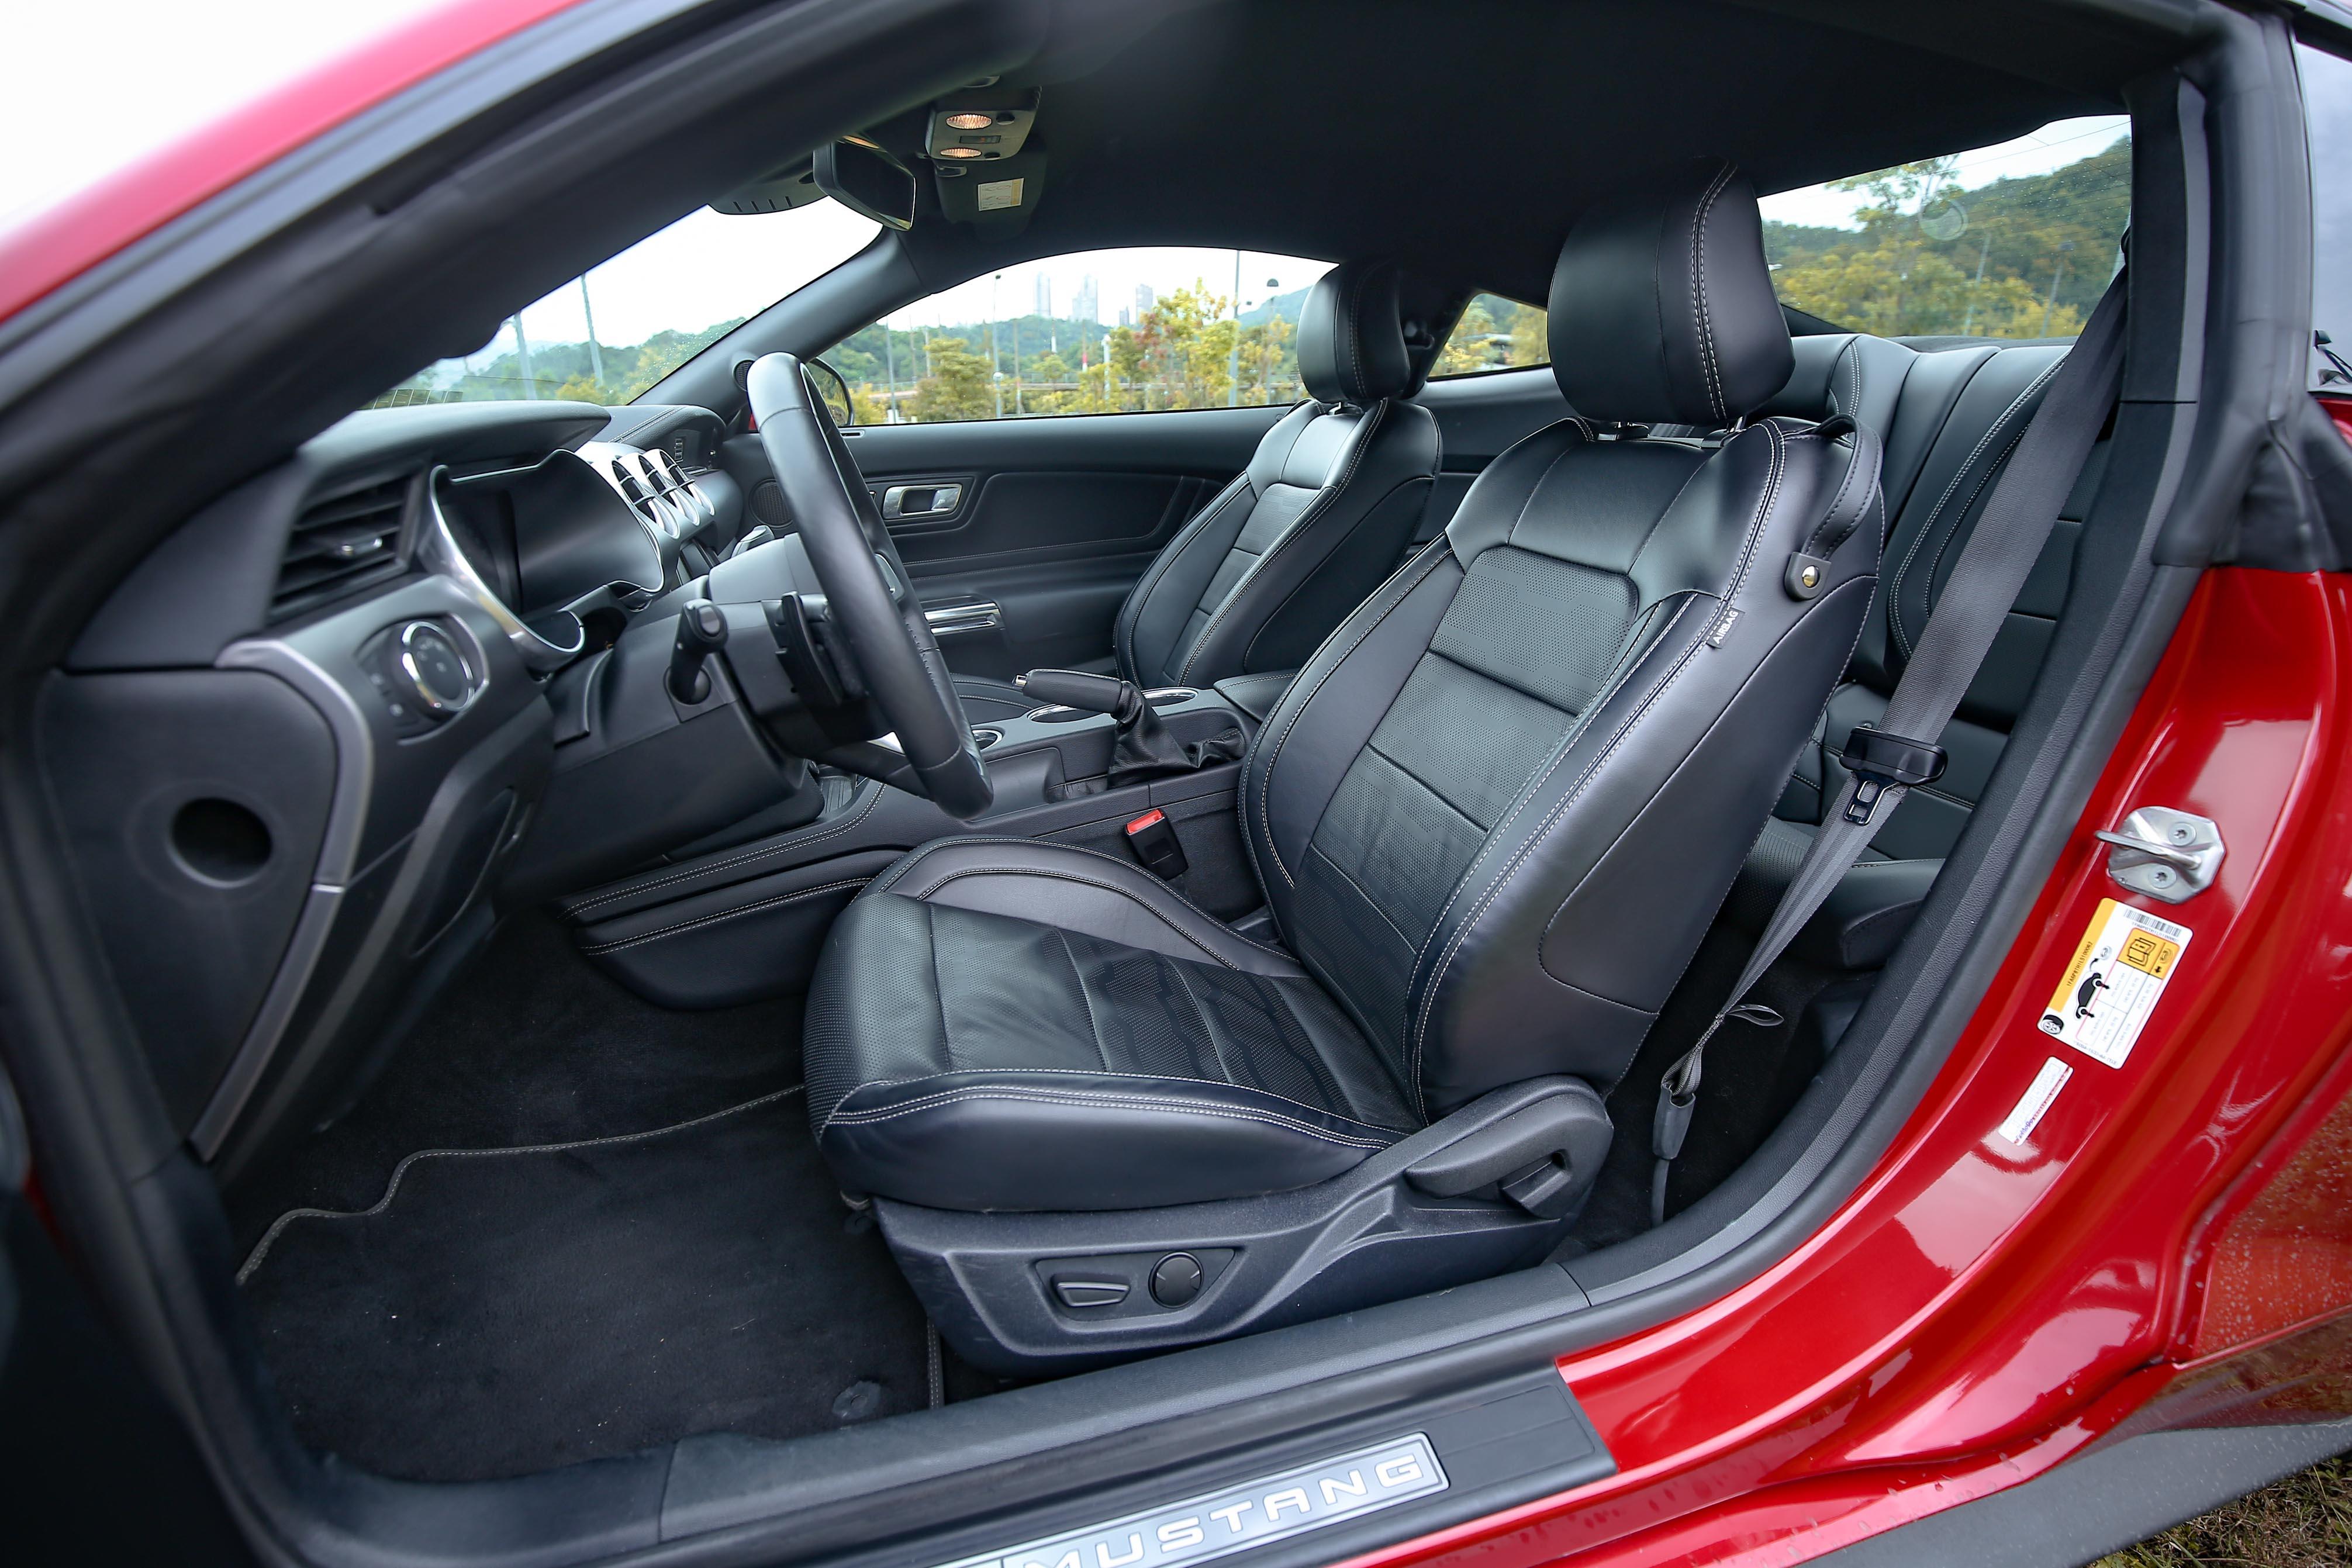 Black Shadow Edition 標配運動型皮質座椅,附雙前座六向電動調整及駕駛座電動腰靠調整。